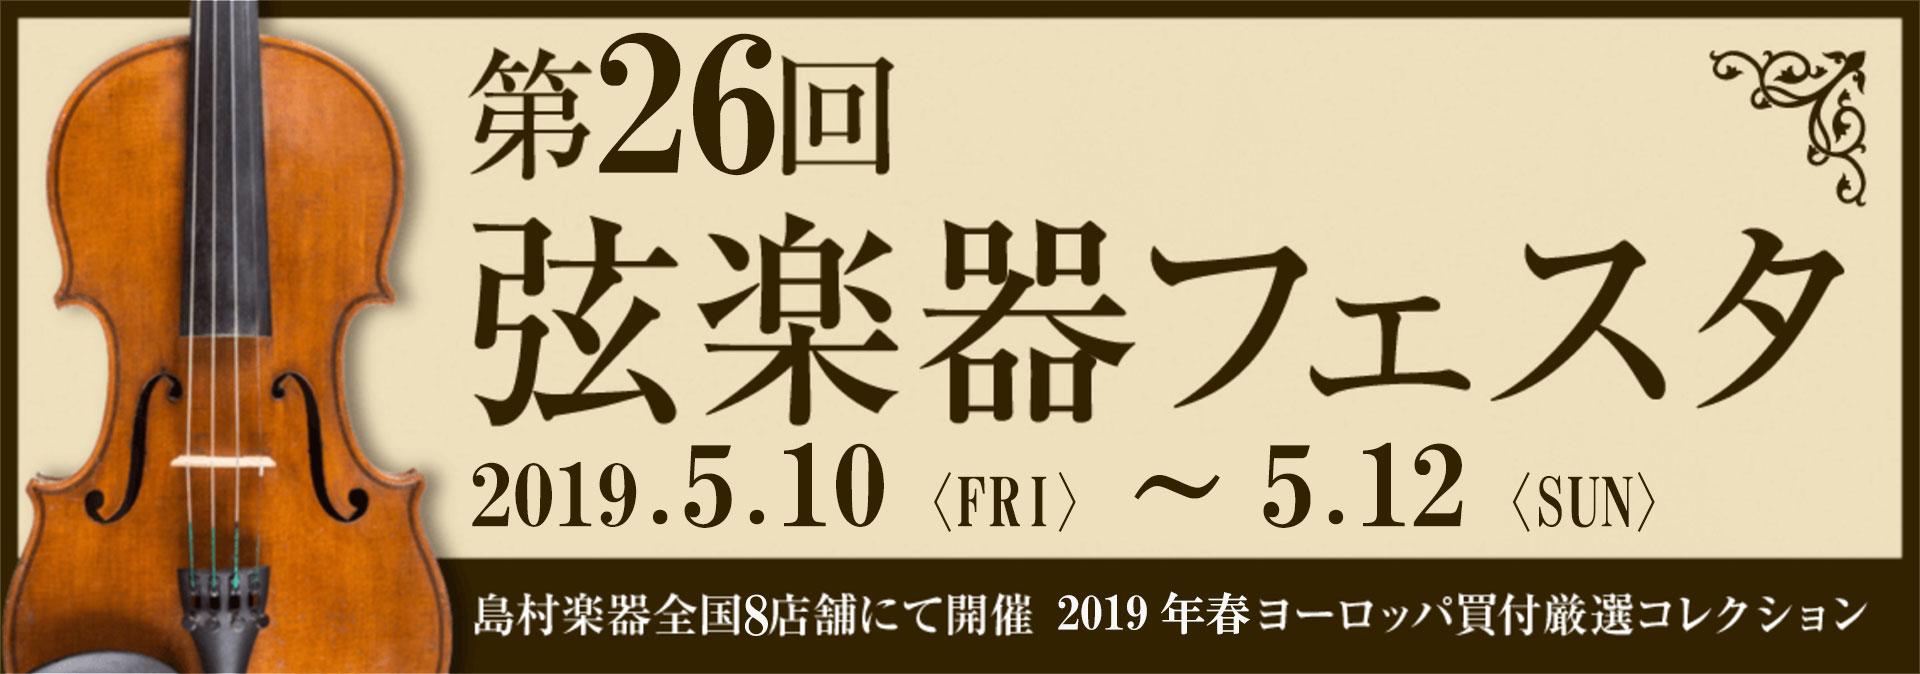 2019_第26回_弦楽器フェスタ_バナー